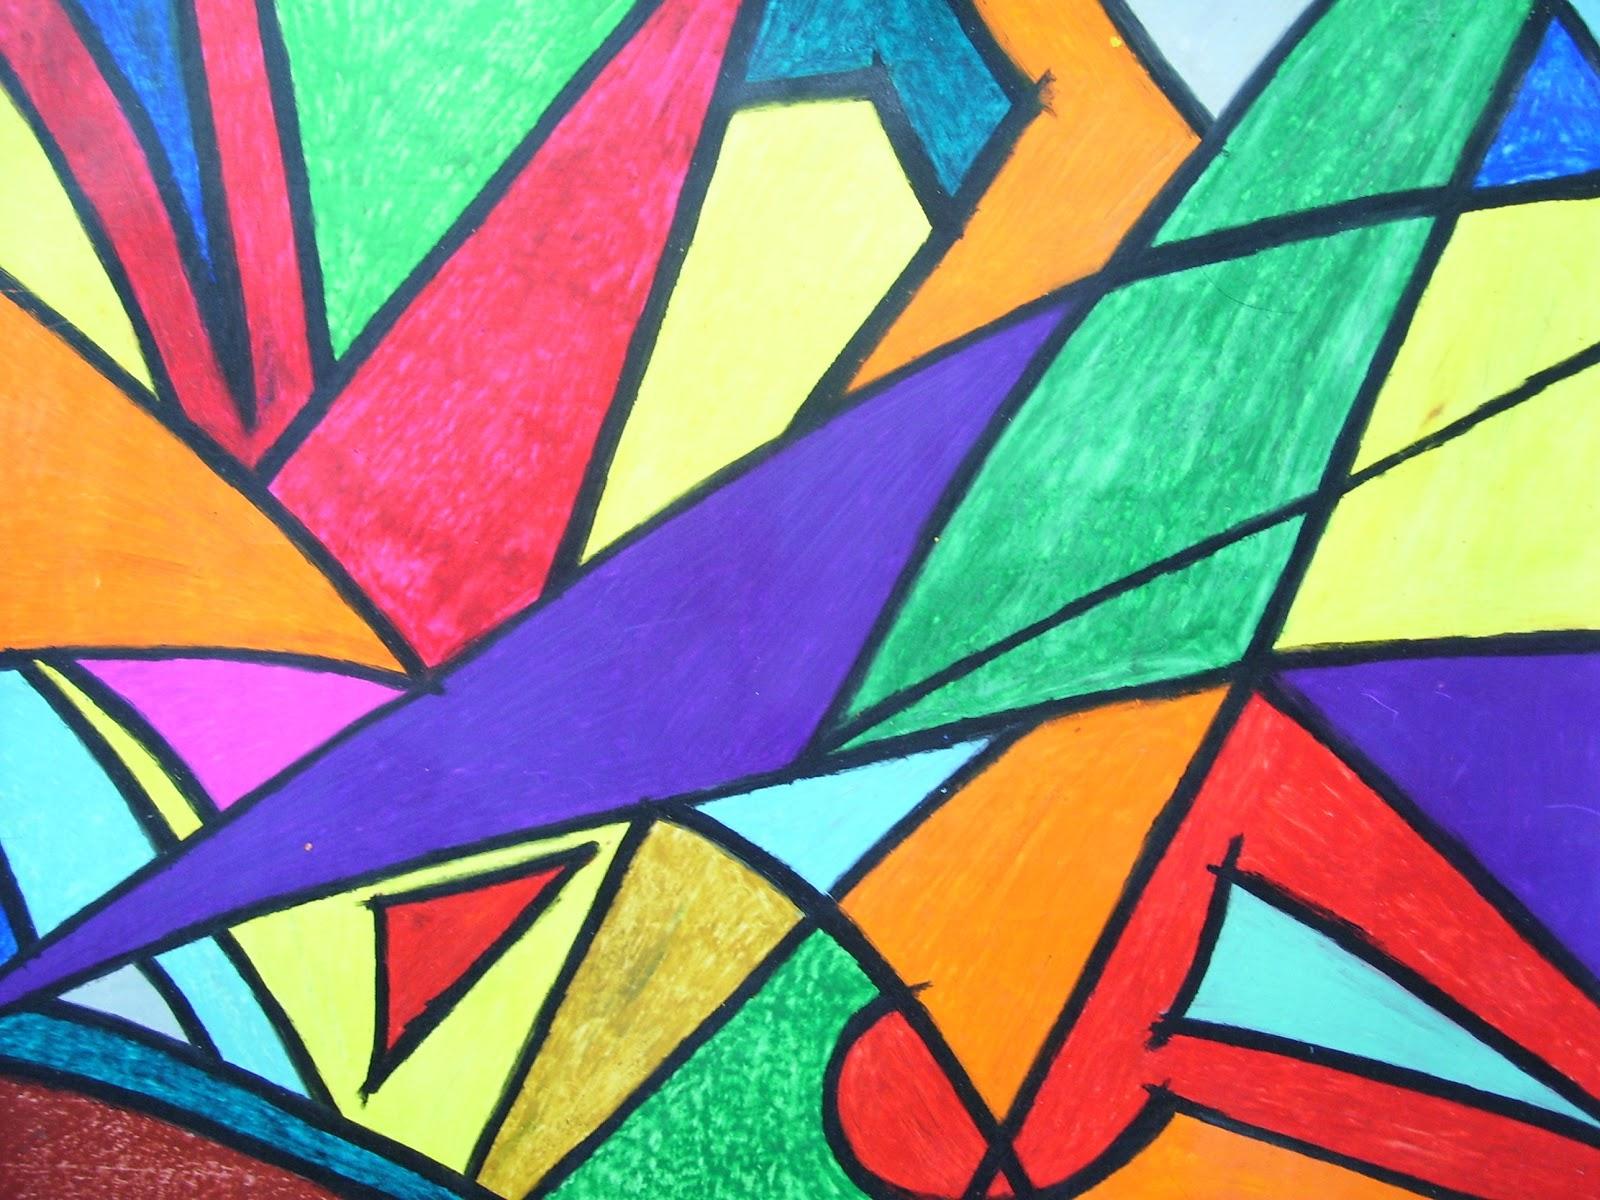 Cuadros abstractos paisajes arquitectura y eroticos for Imagenes de cuadros abstractos faciles